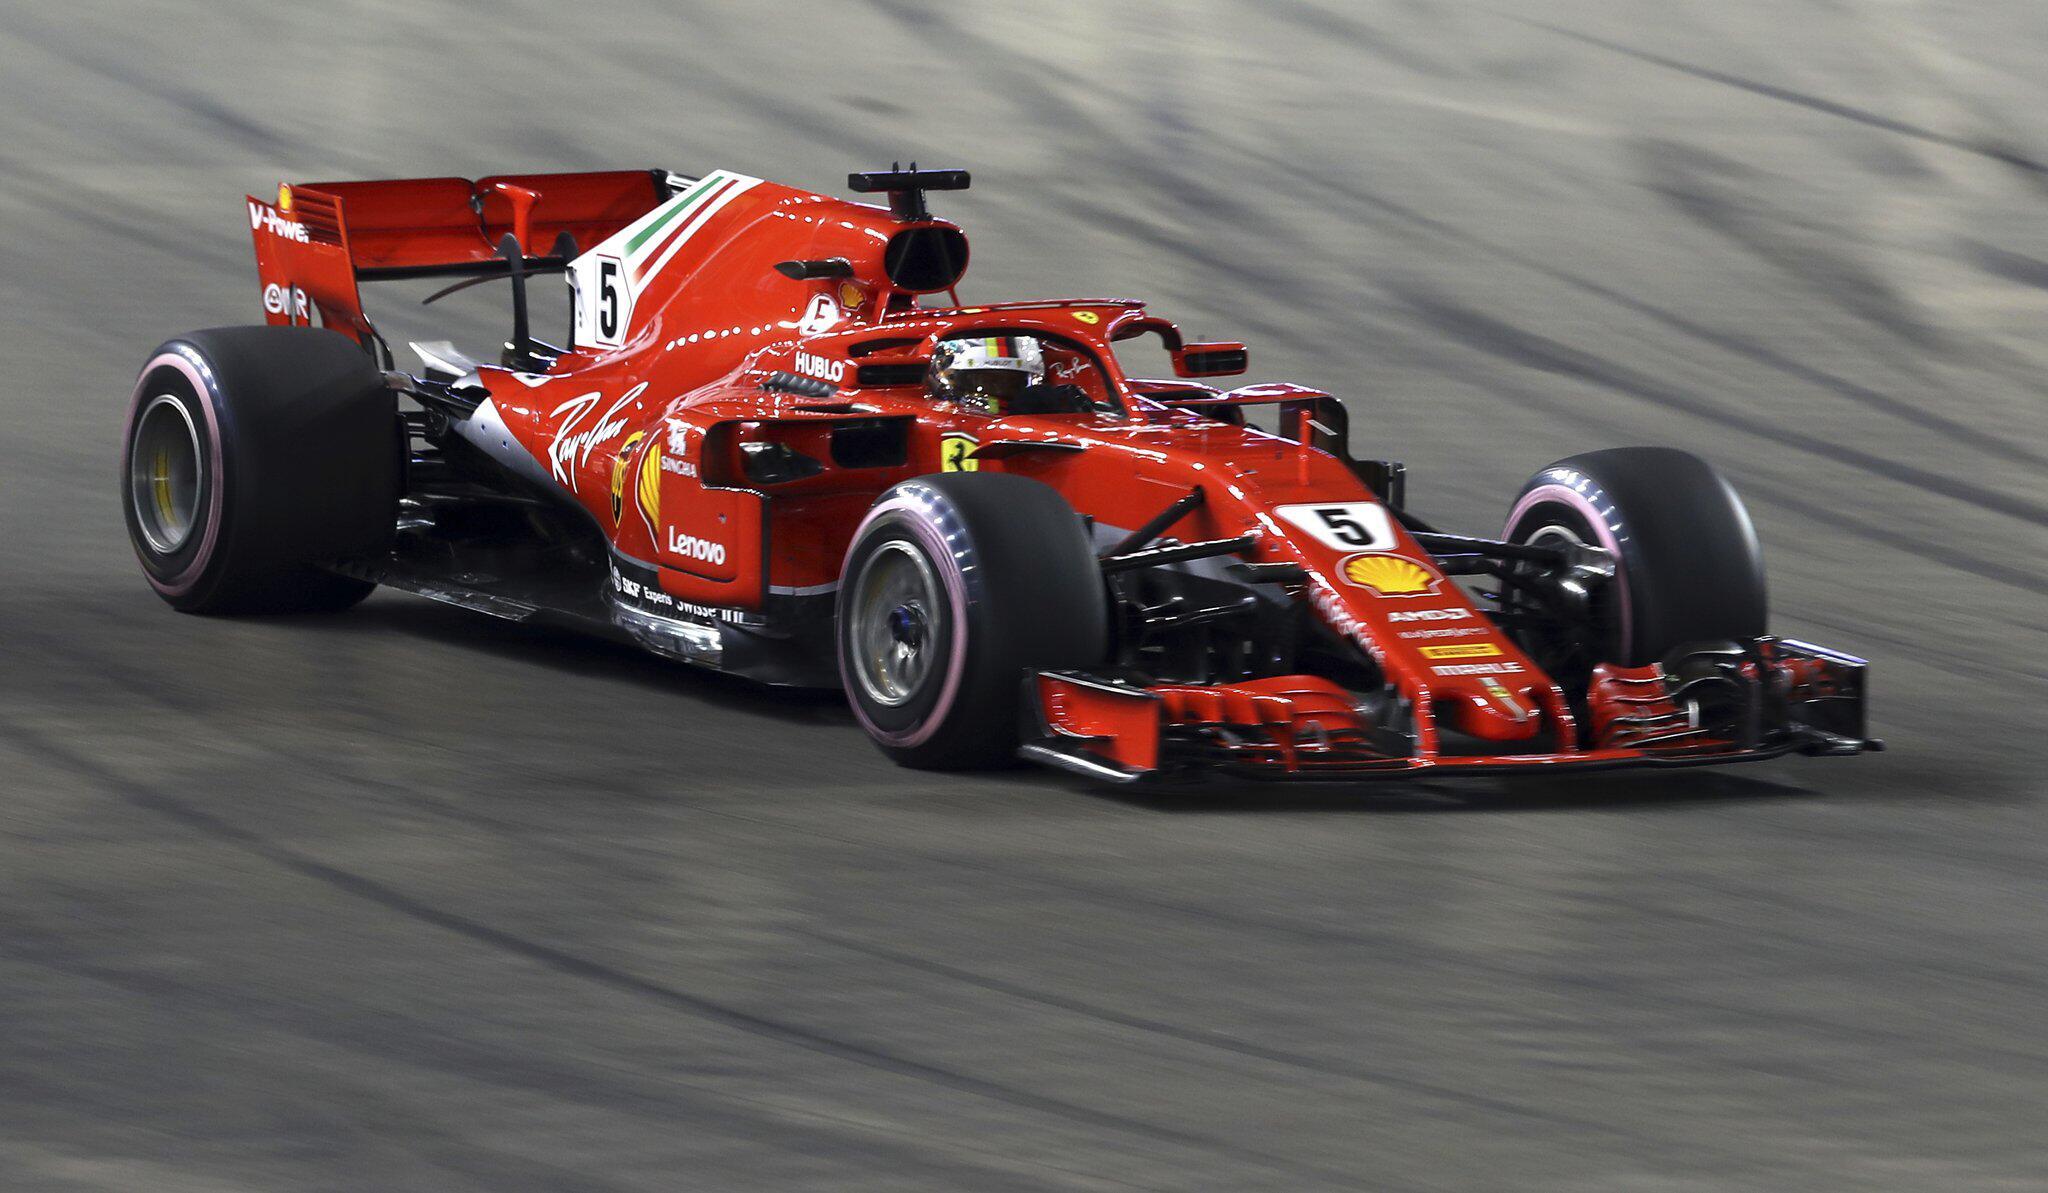 Bild zu Formel 1 - Großer Preis von Singapur